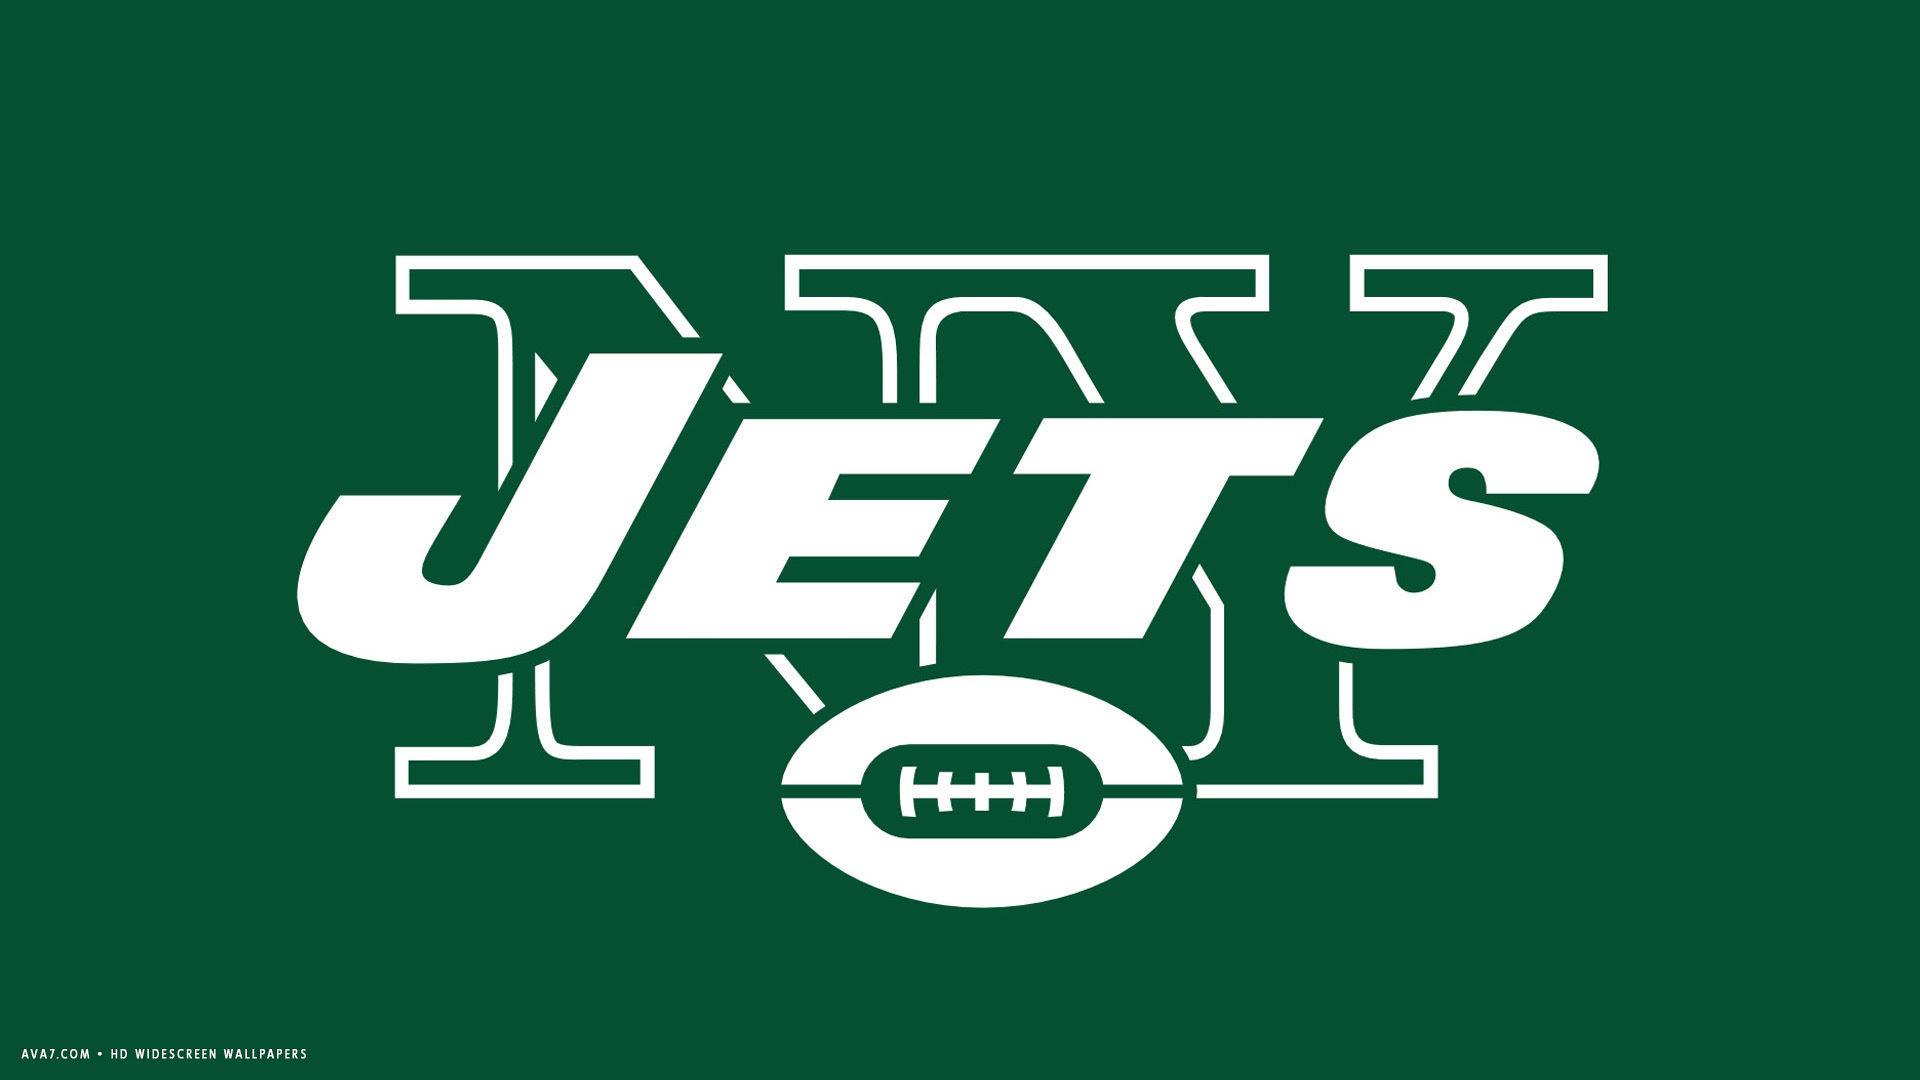 new york jets nfl football team hd widescreen wallpaper